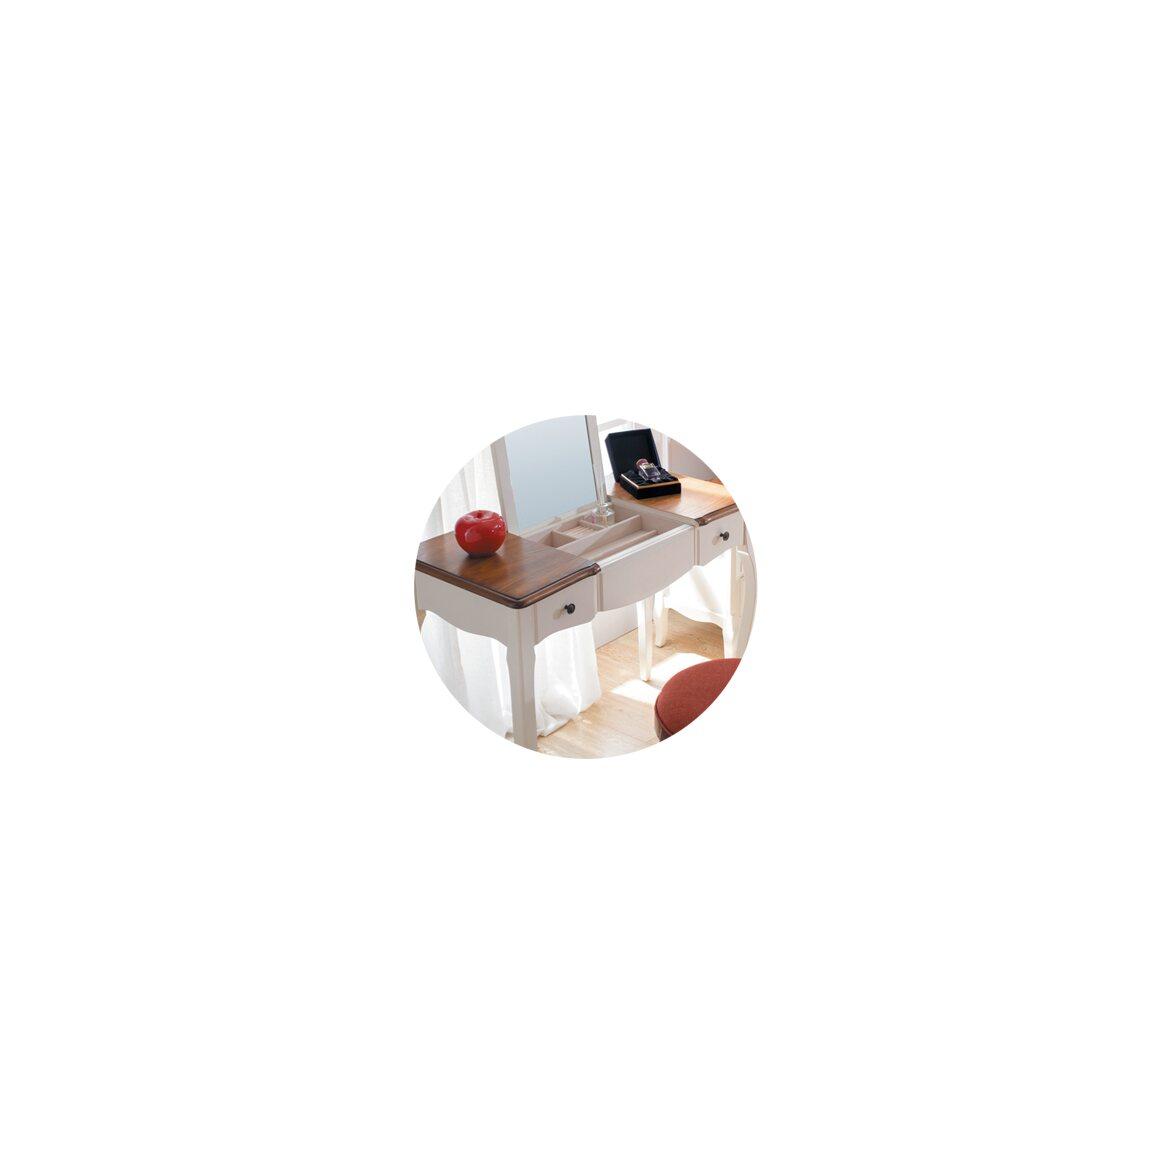 Туалетный столик с зеркалом Leontina, бежевого цвета 9   Туалетные столики Kingsby